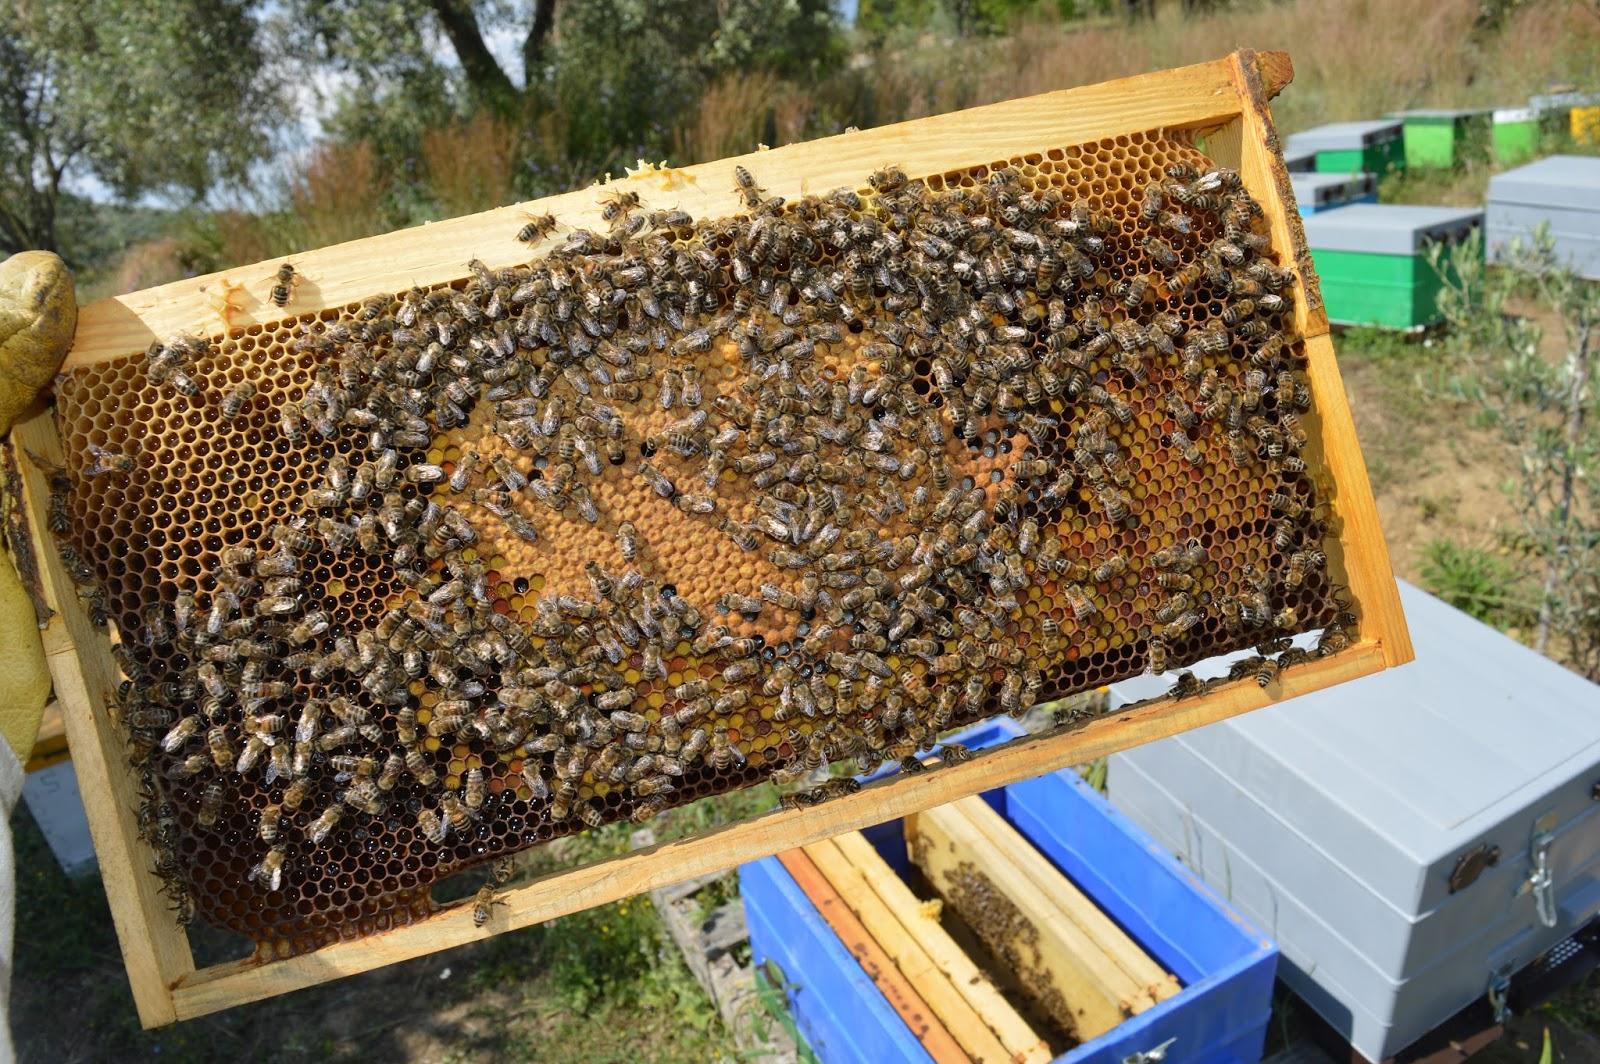 """Ξάνθη: """"Προστατεύουμε τις μέλισσες"""" - Οδηγίες από την Κτηνιατρική"""